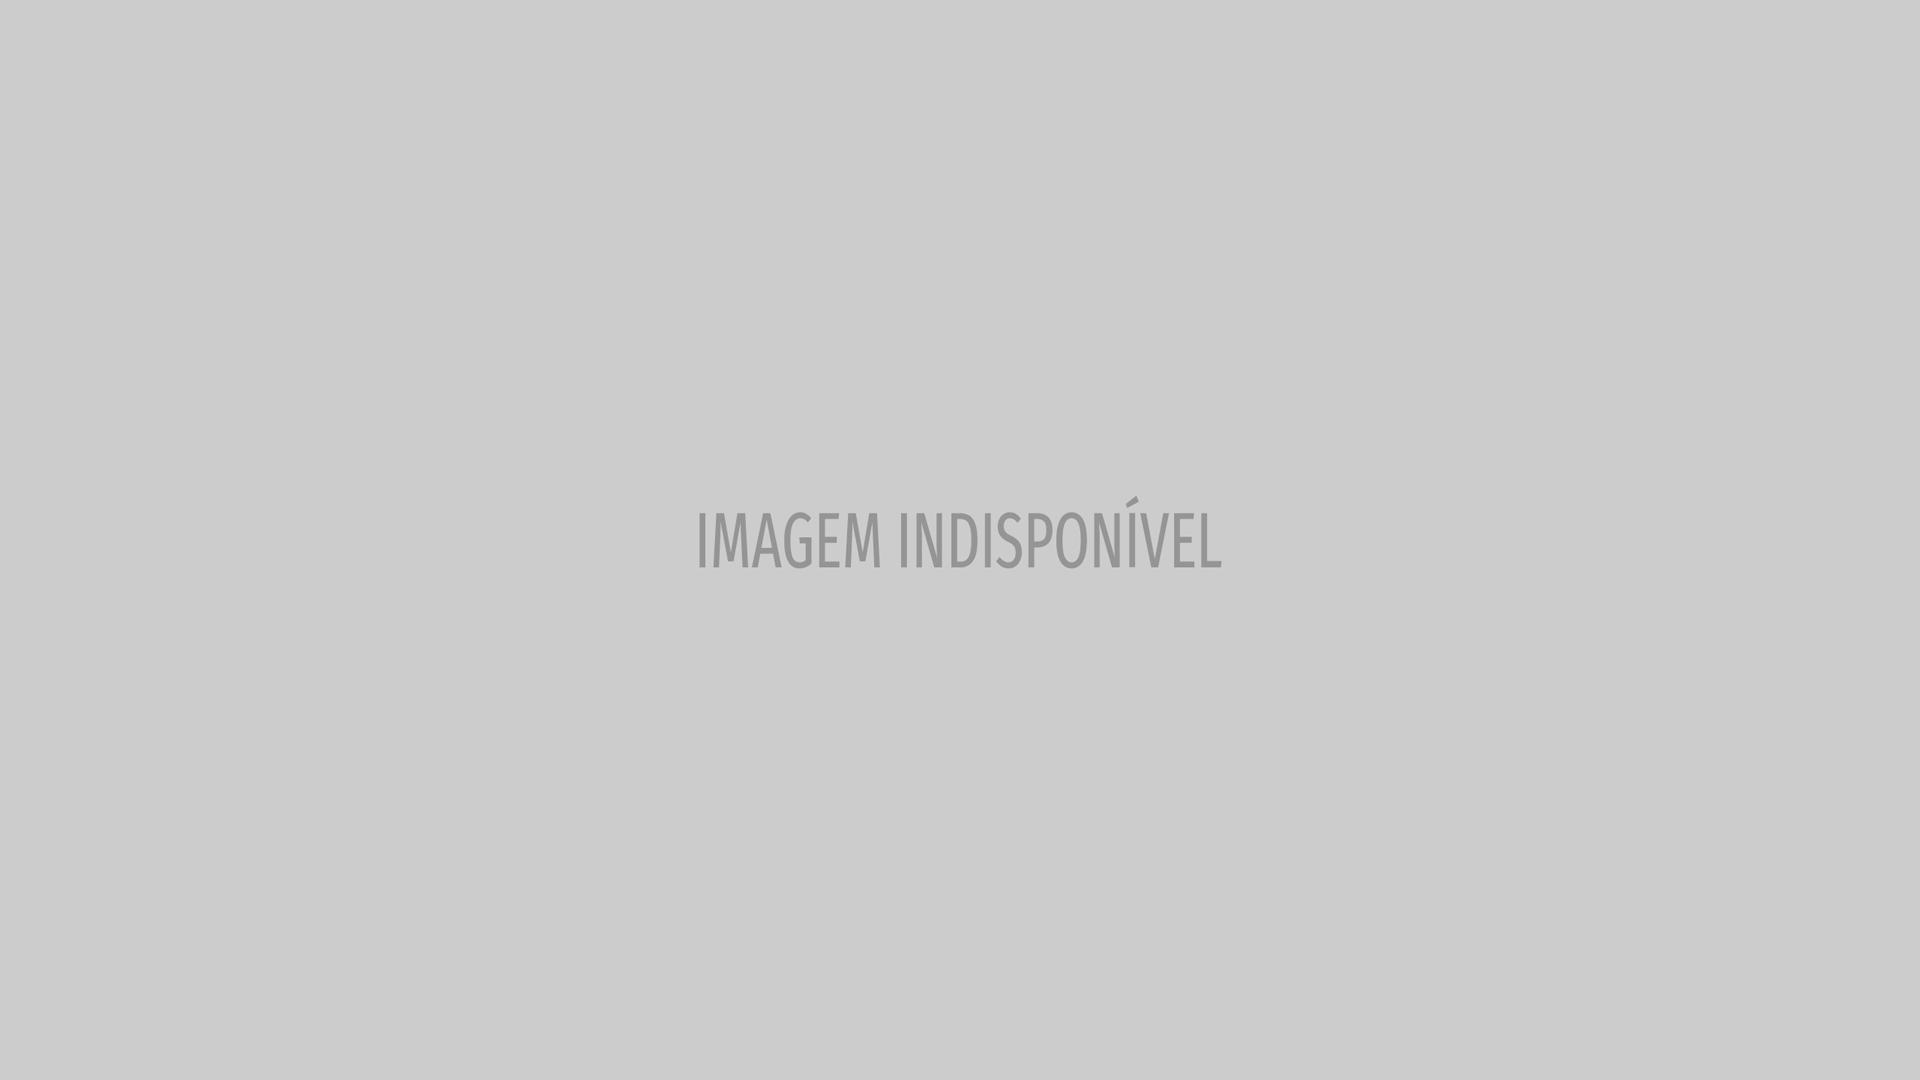 A mulher que já pesou mais de 100 quilos e agora tem 0% de massa gorda